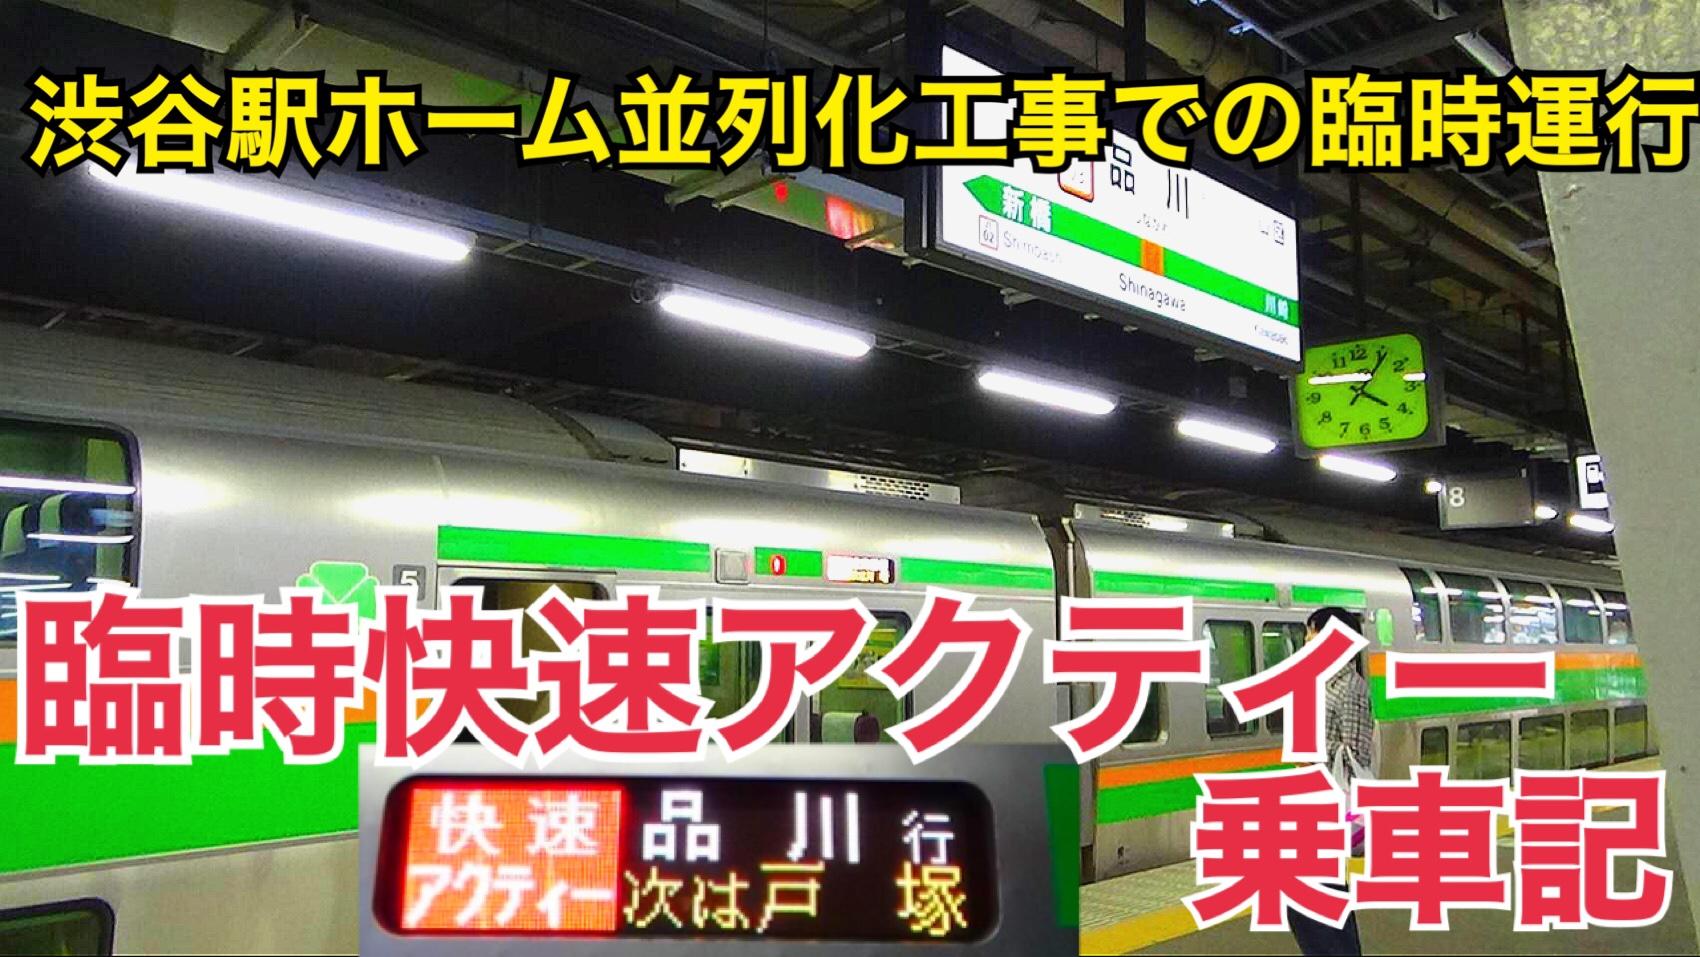 渋谷駅ホーム並列化工事での臨時快速アクティー品川行き乗車記